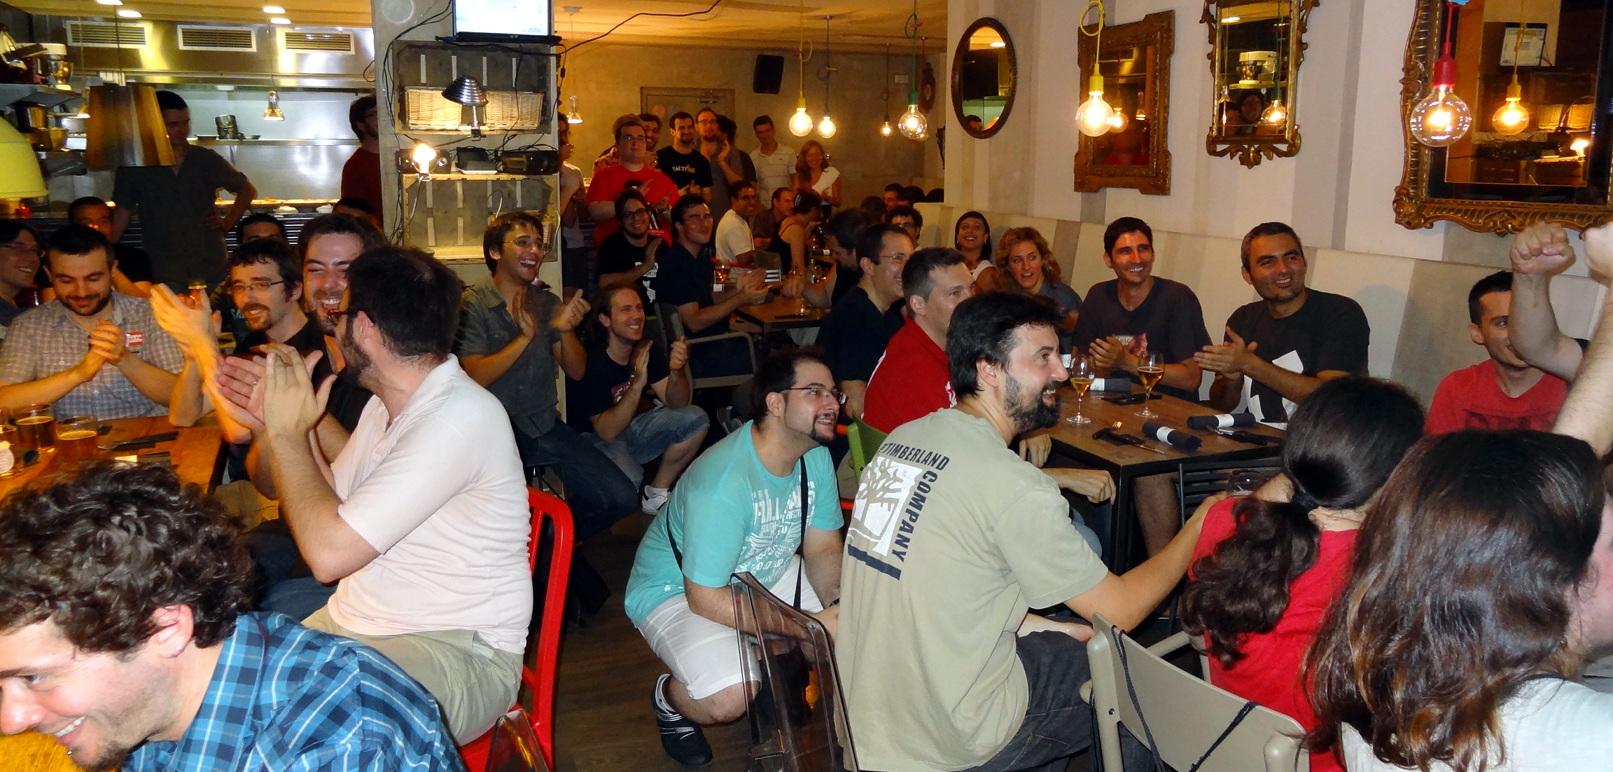 Burguer Developer Central - Encuentro de desarrolladores que comparten el amor por las hamburguesas